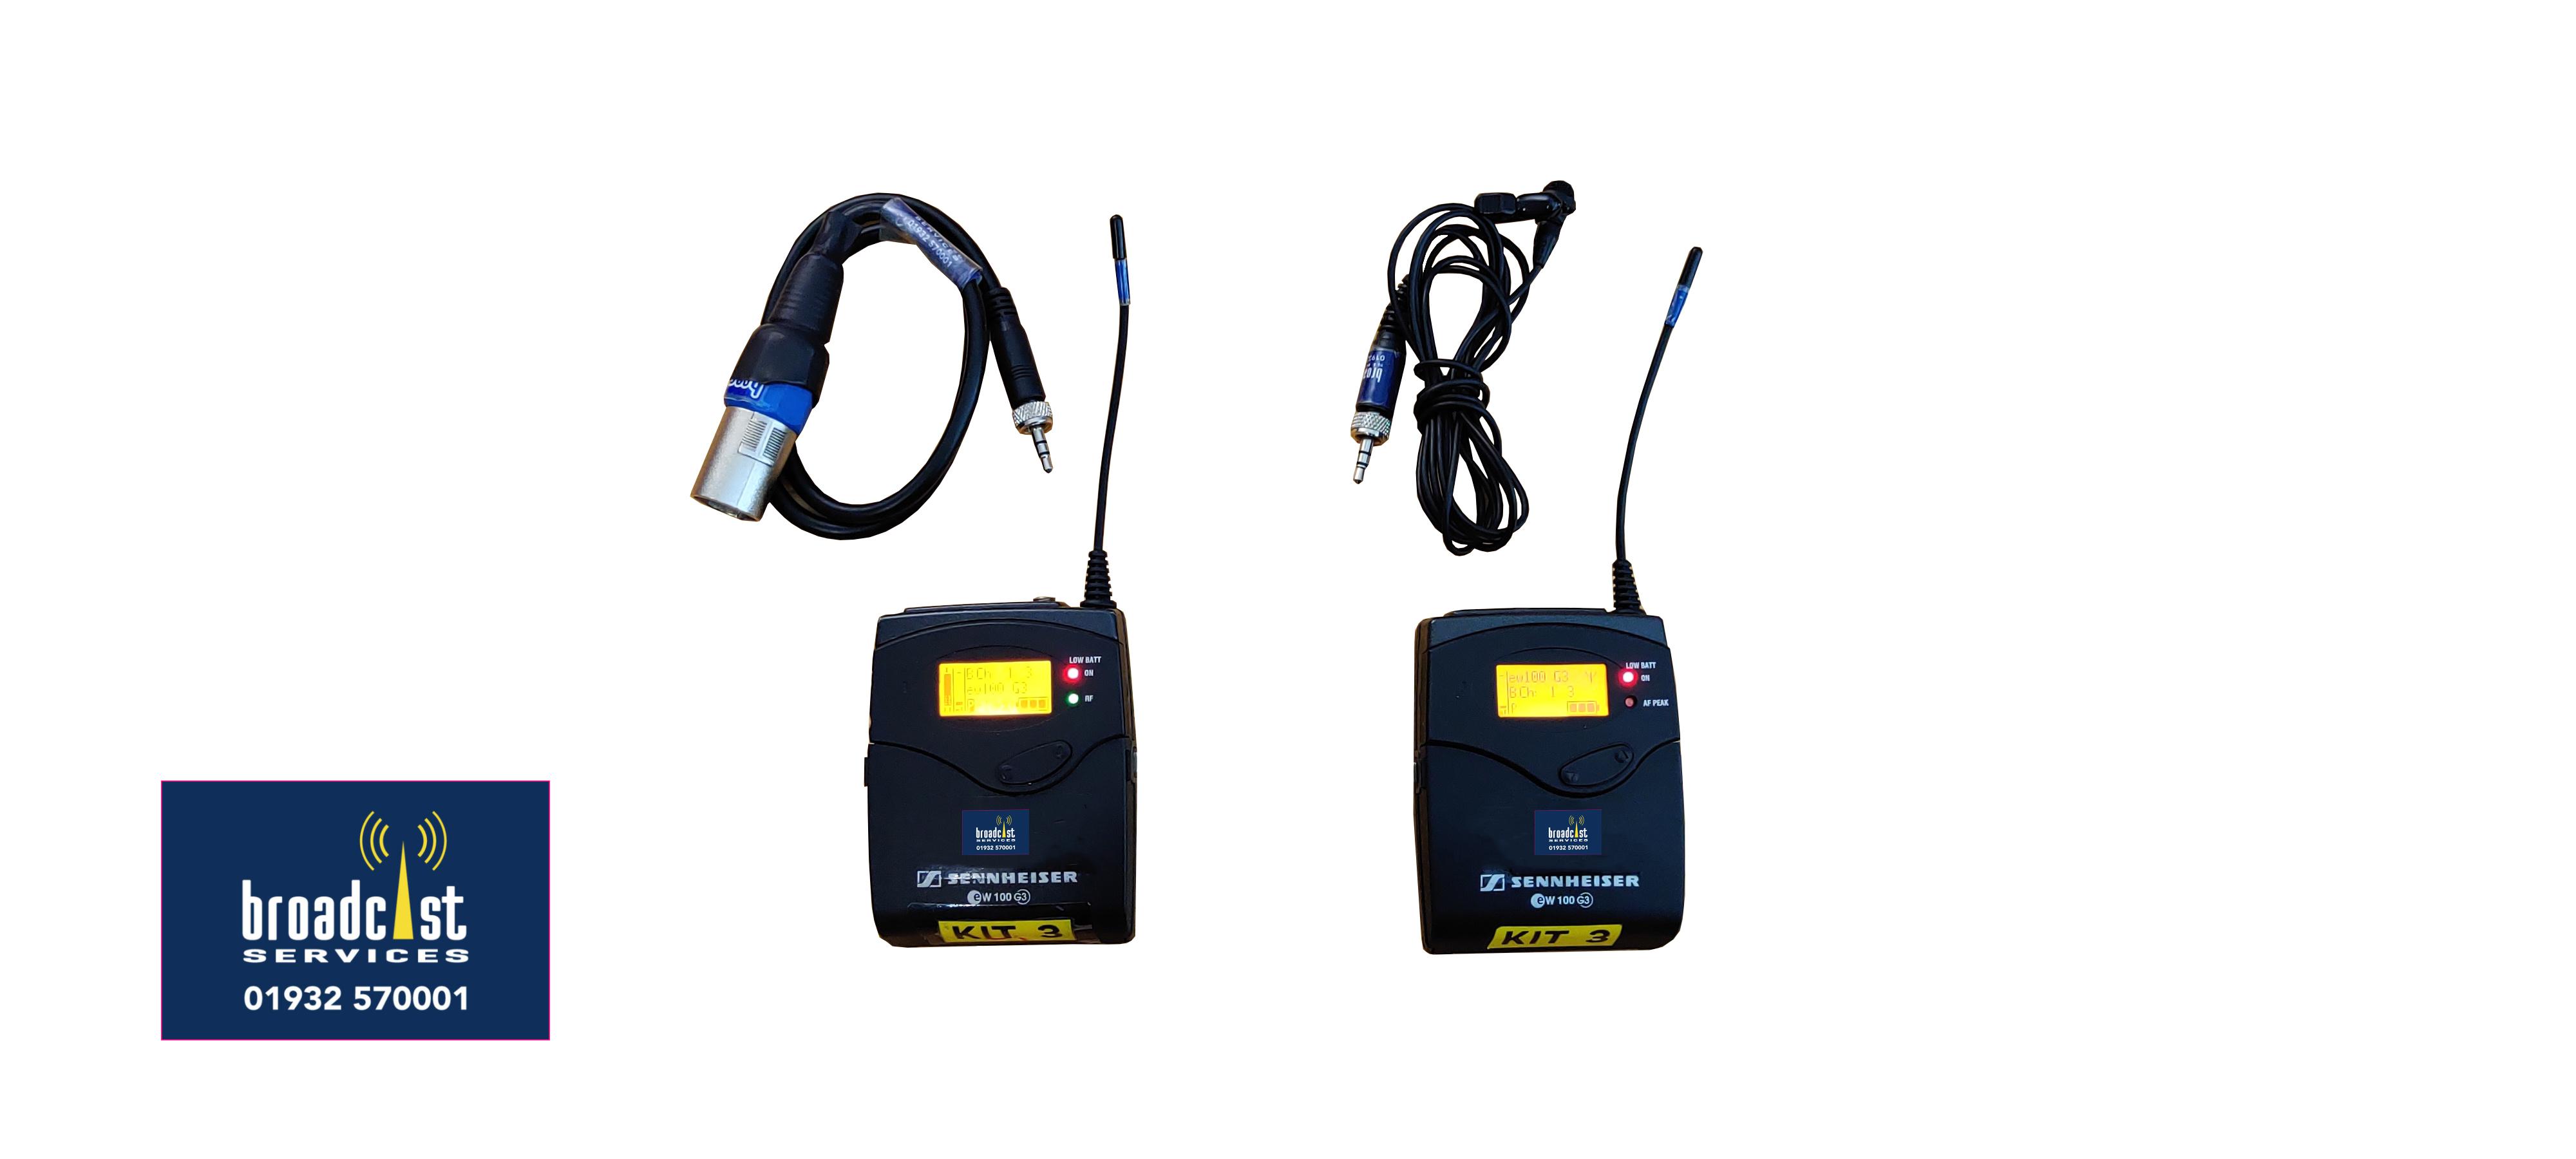 Sennheiser EK100 G3 Tie Clip Radio Mic